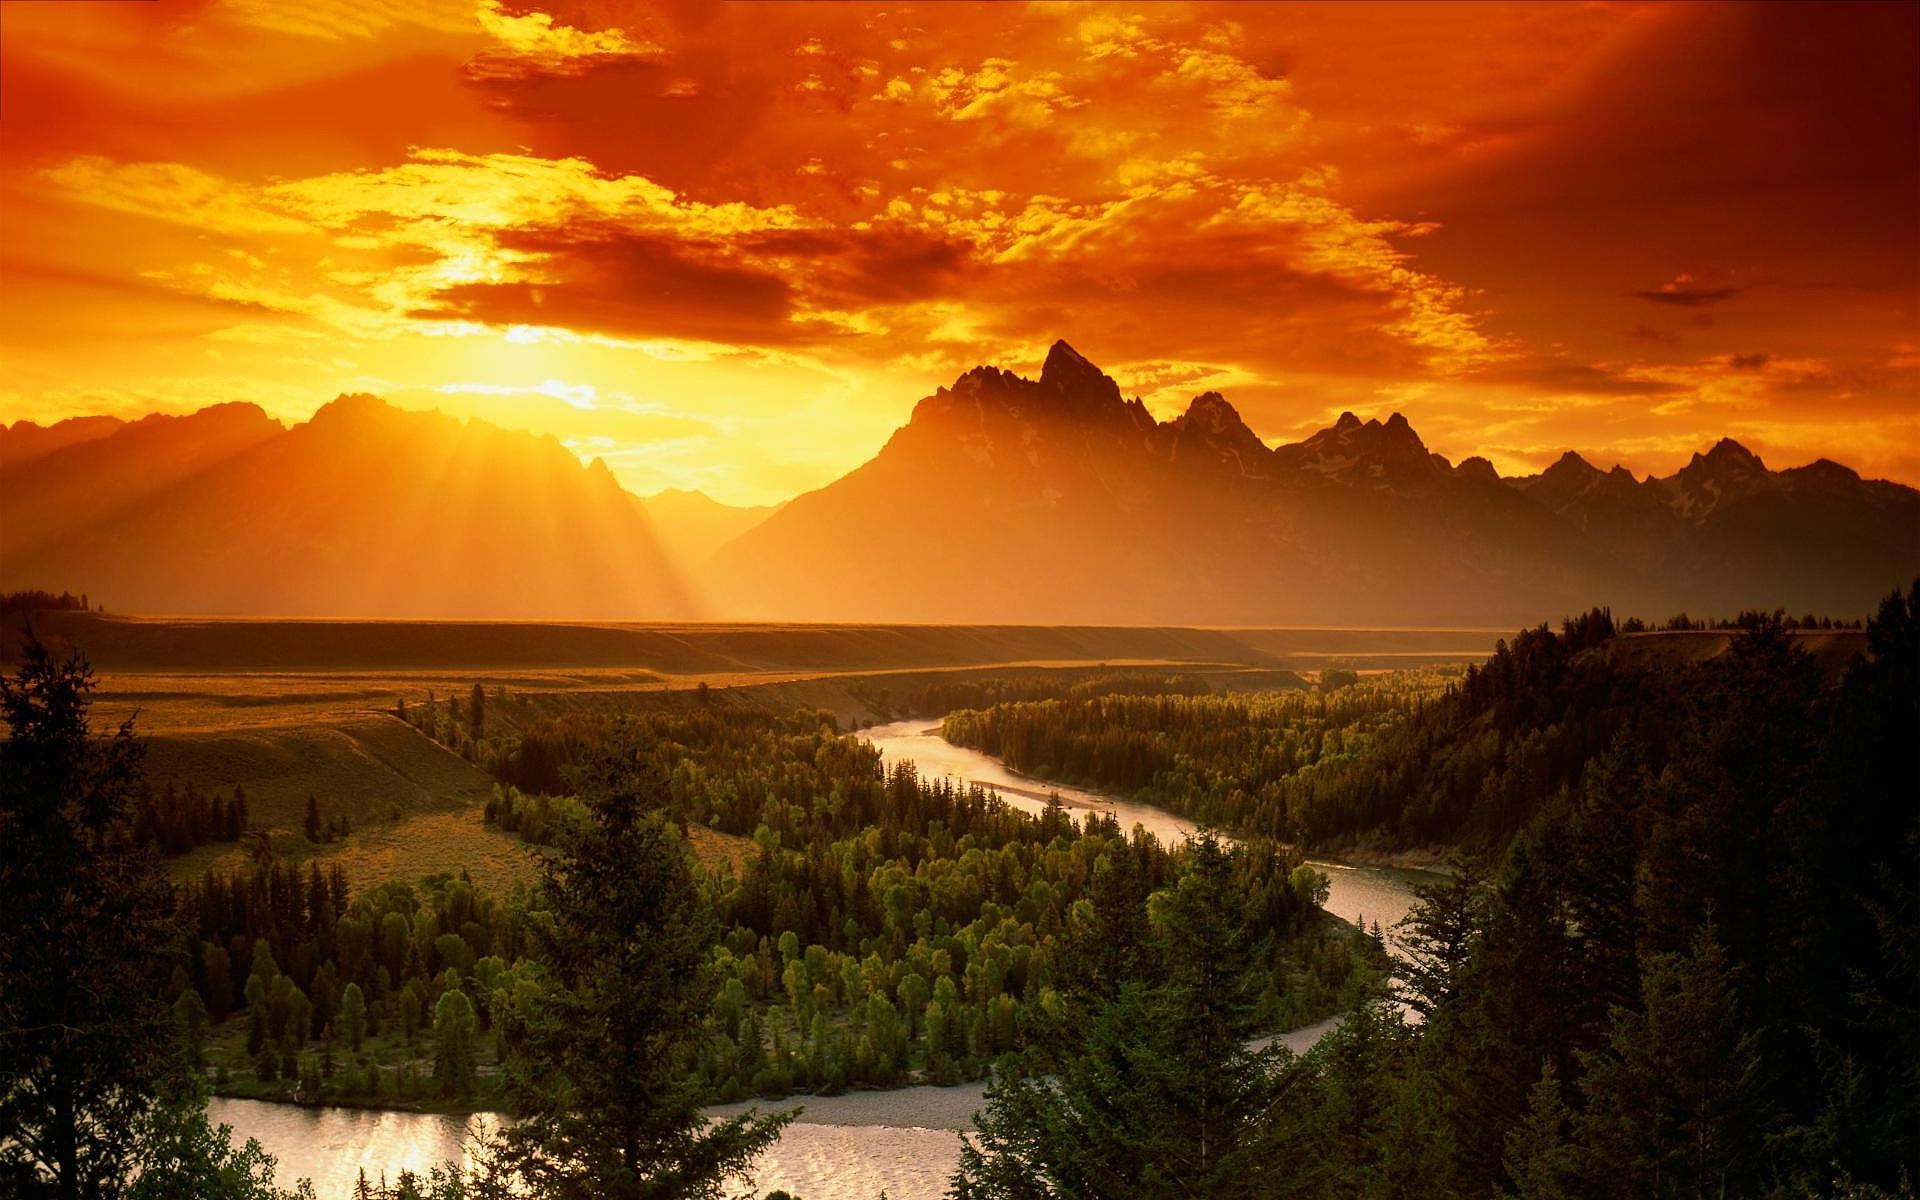 Sunset Wallpapers Landscape  Hd Desktop Wallpapers  4k Hd